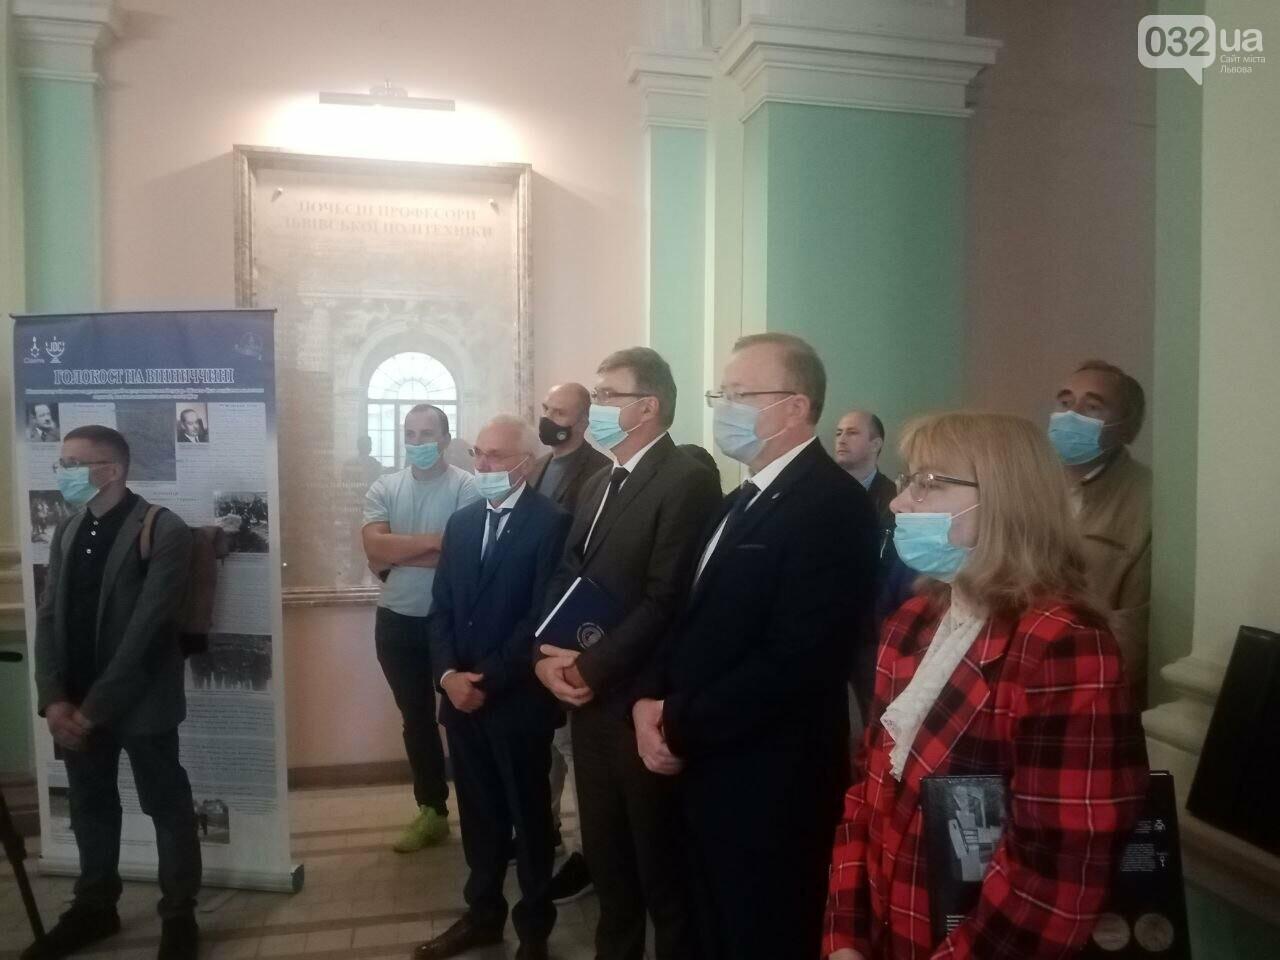 У Львові відкрили виставку, присвячену українцям-рятівникам євреїв під час Голокосту, - ФОТО, фото-3